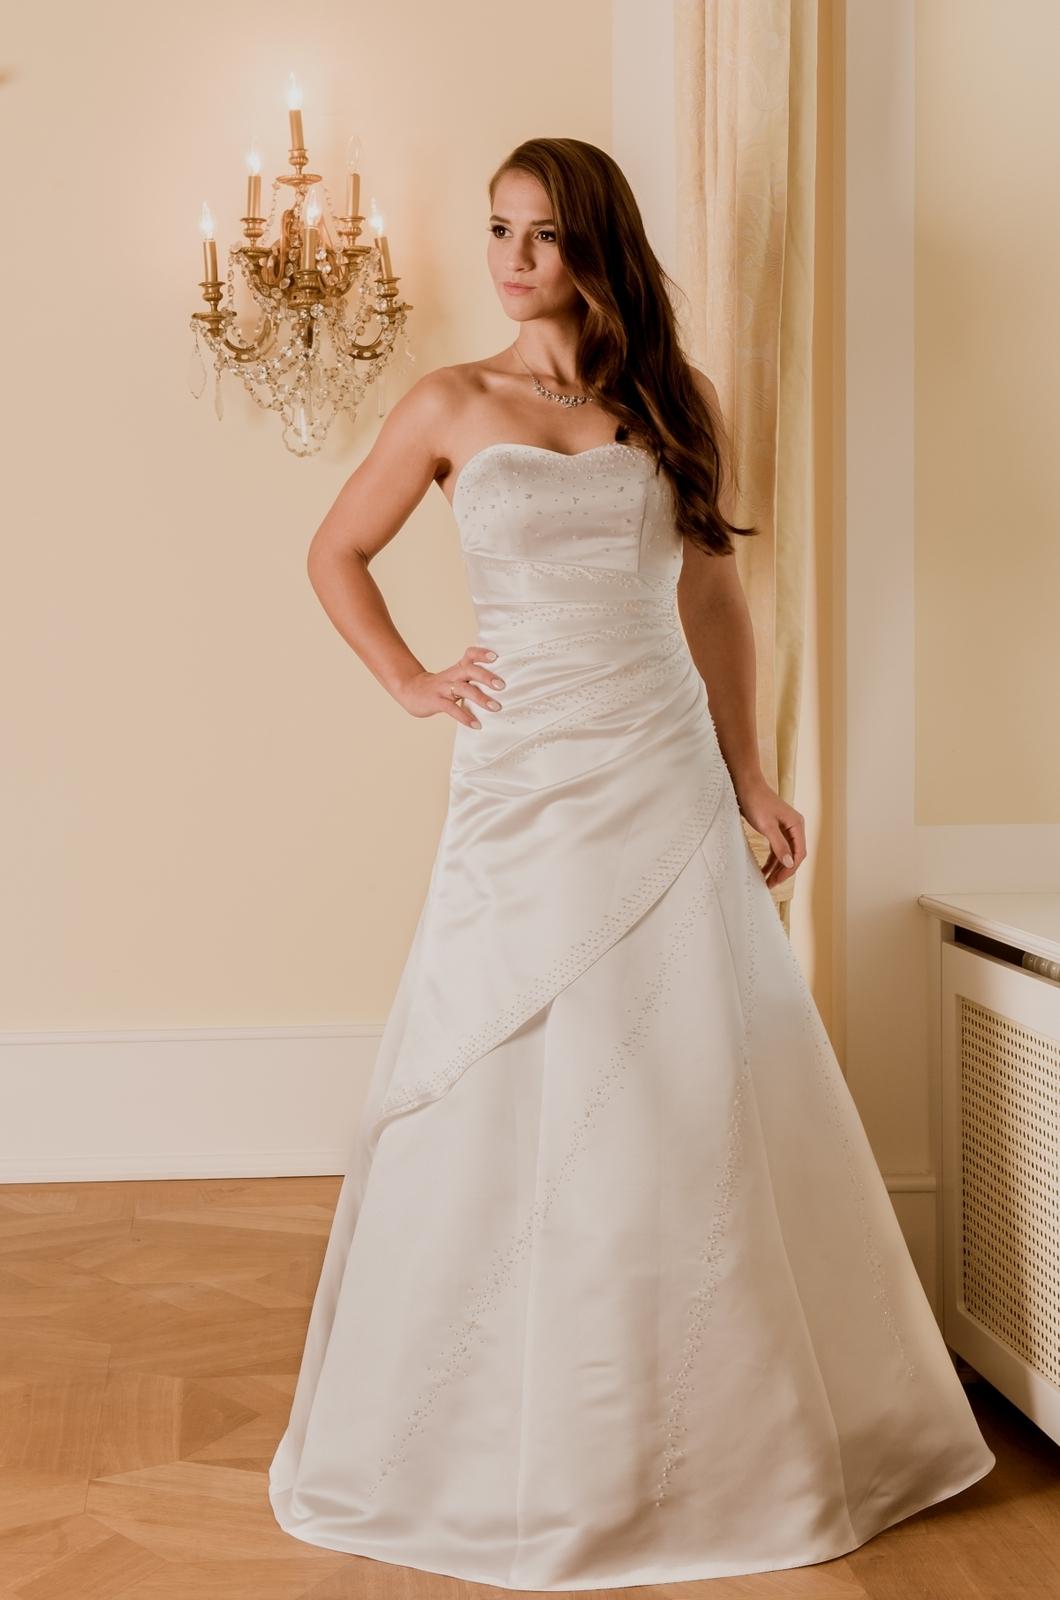 Hochzeitskleid Cora 100 - Typ: Brautkleid Cora 100 Luzern